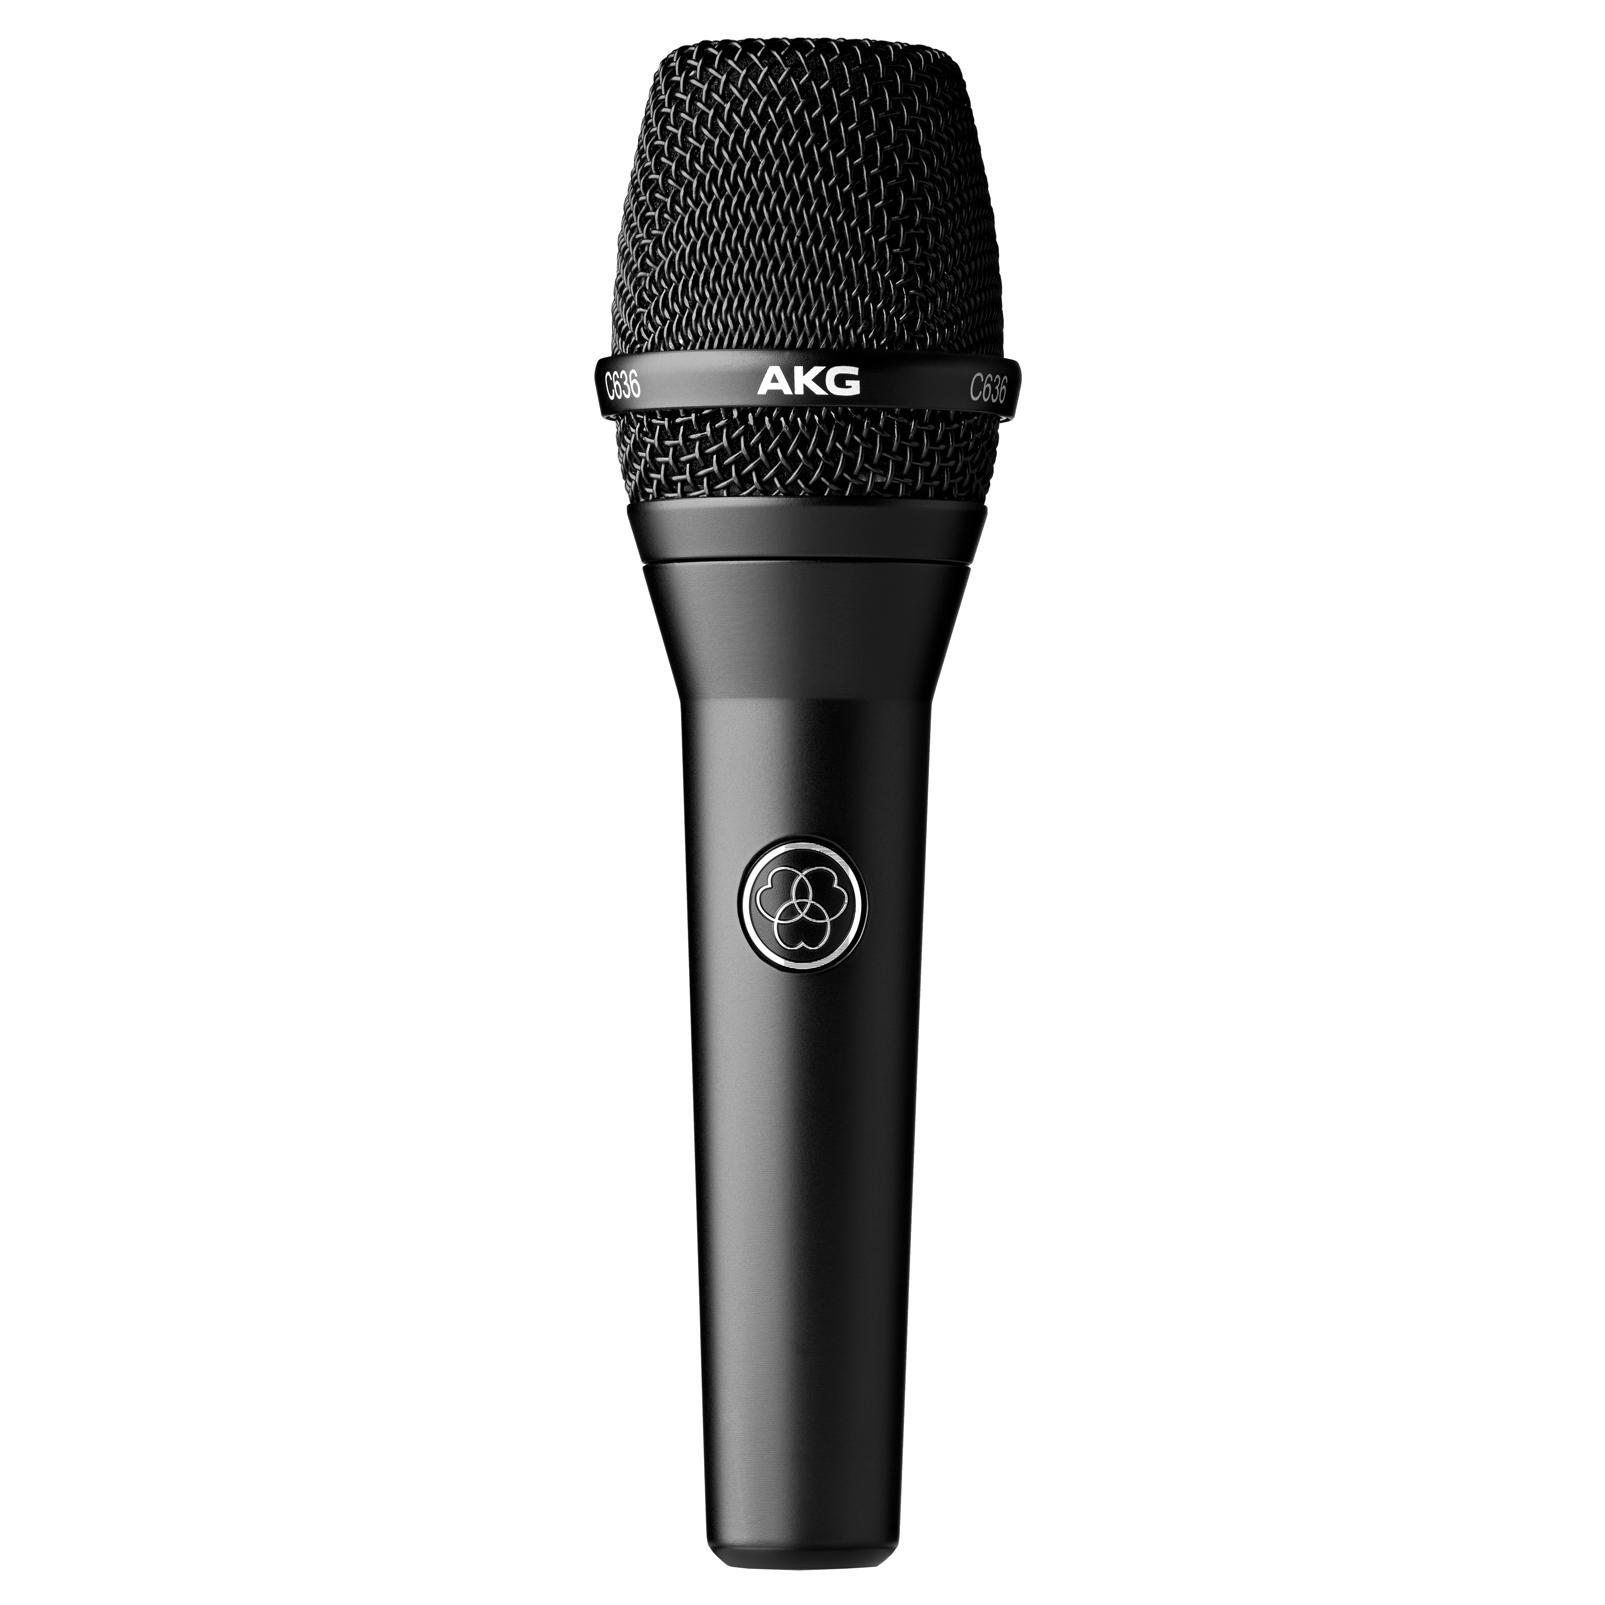 C636 - Black - Master reference condenser vocal microphone - Detailshot 1